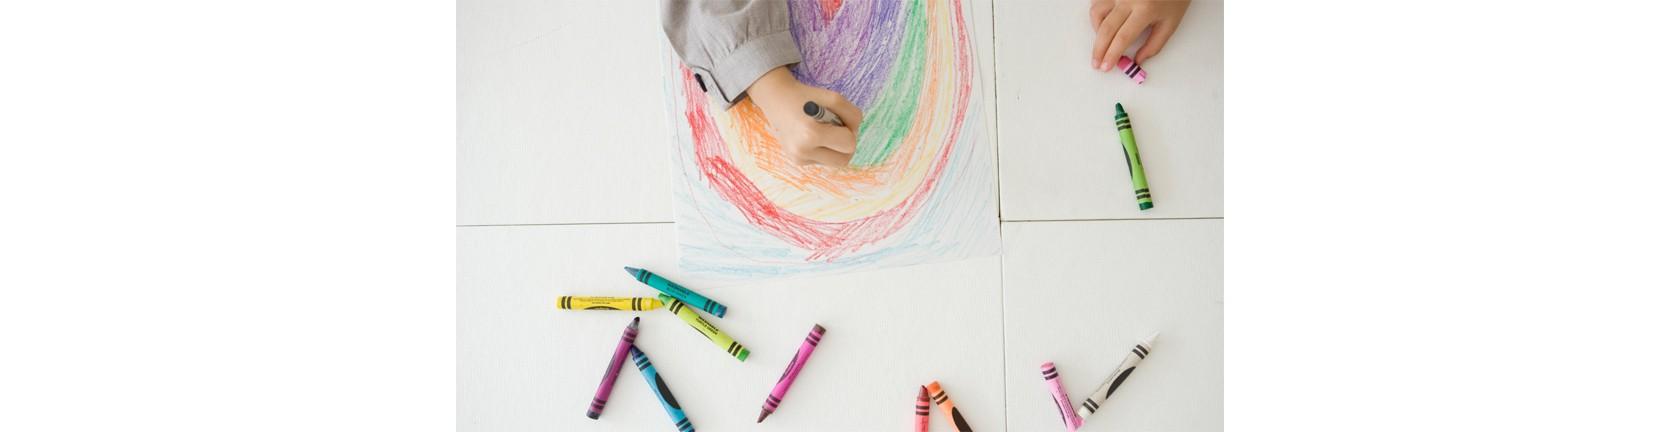 Eine Kinderhand malt mit bunten Wachsmalstiften.